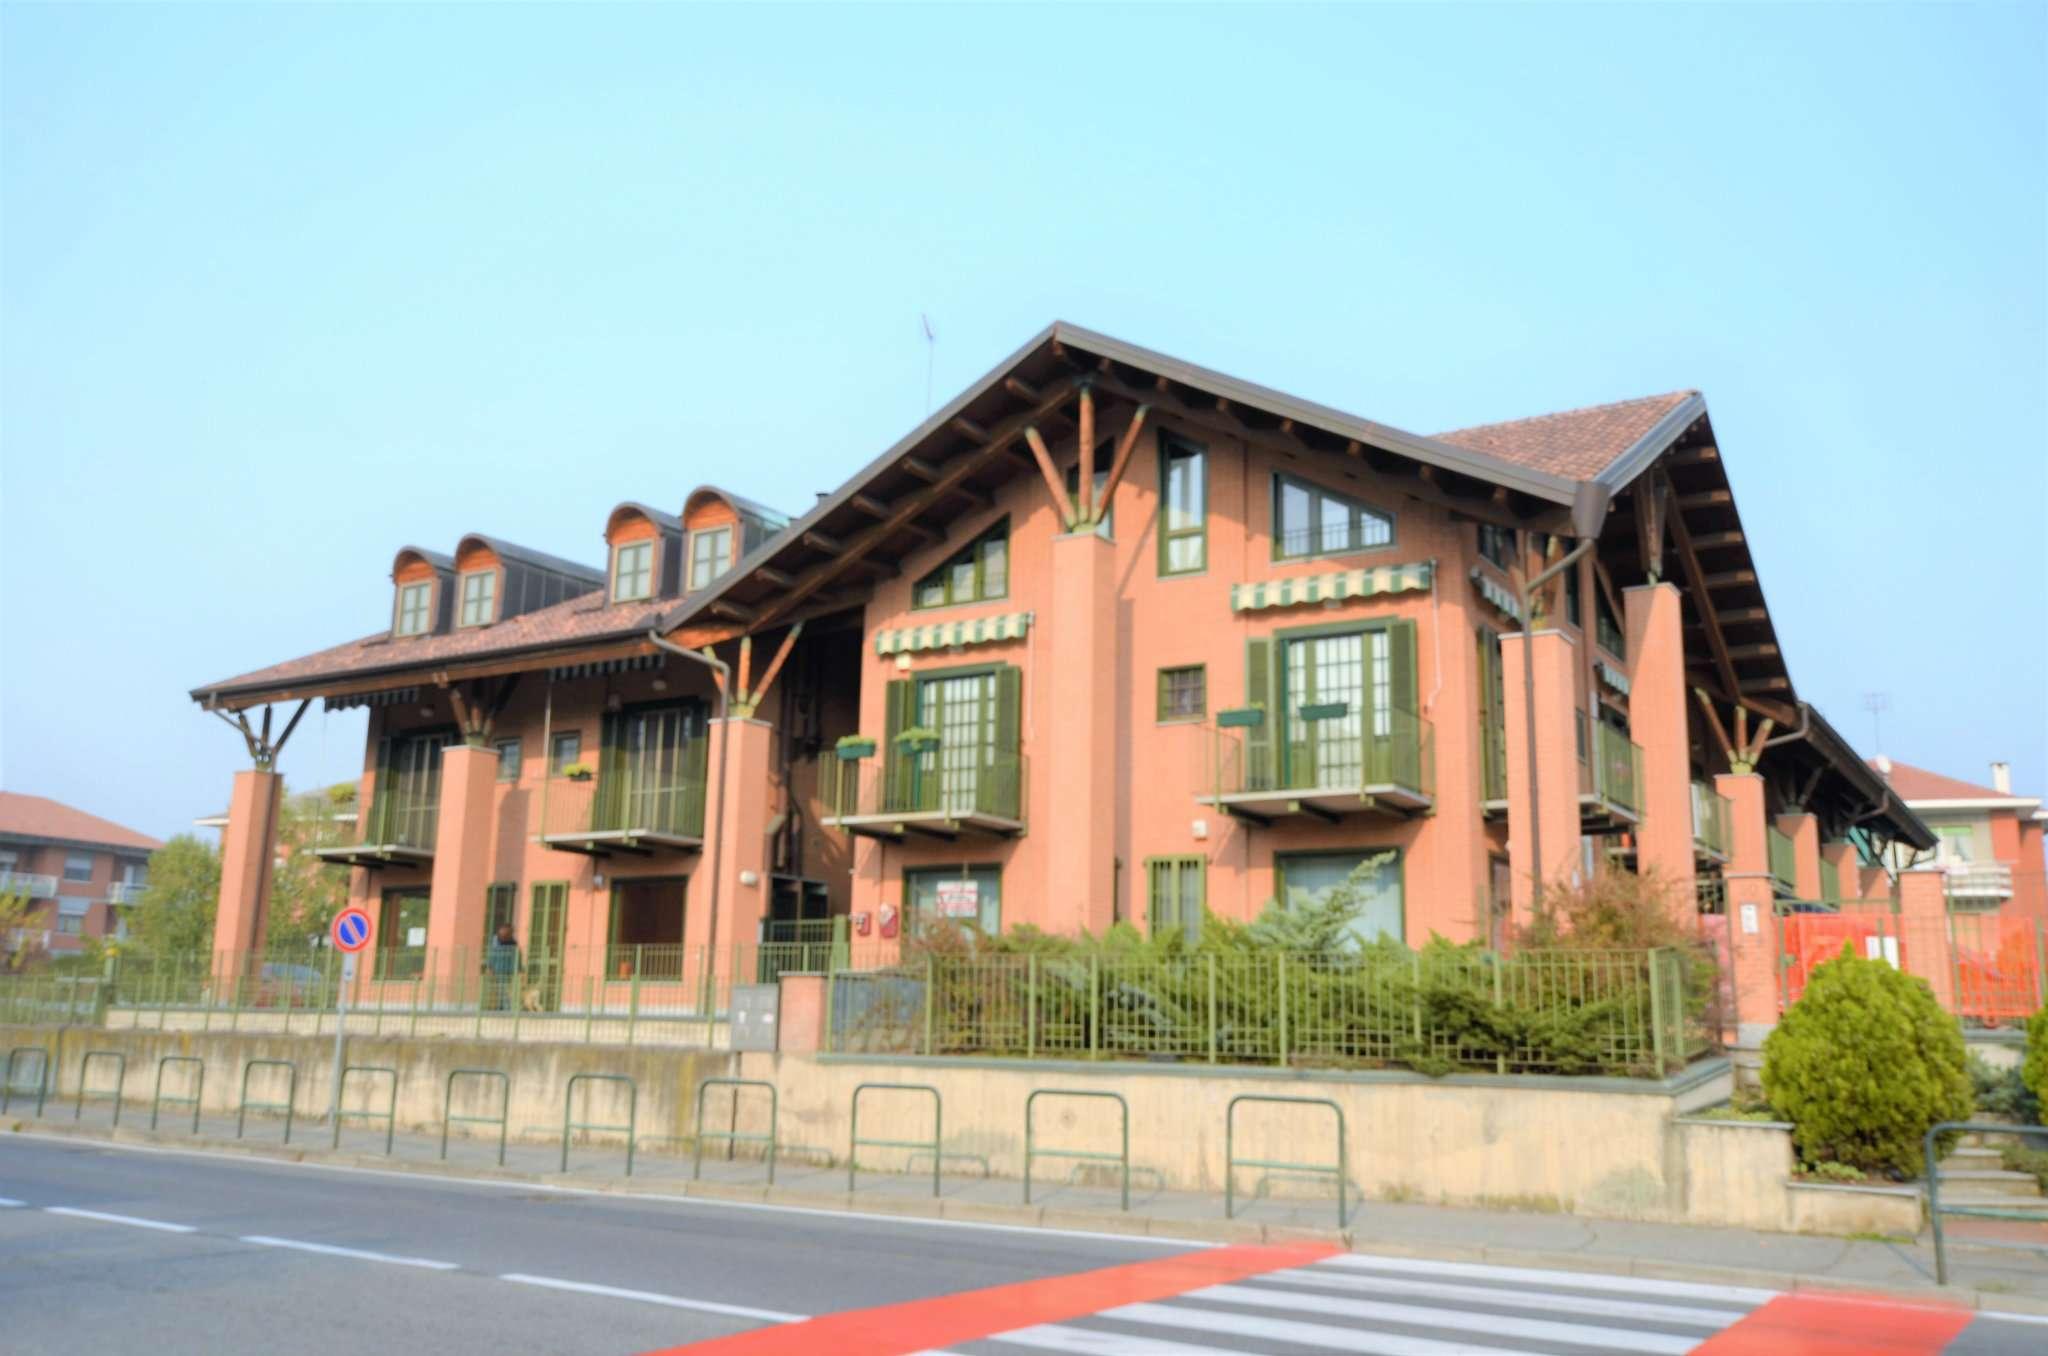 Appartamenti bilocali in vendita a san mauro torinese - Vendita casa san mauro torinese ...